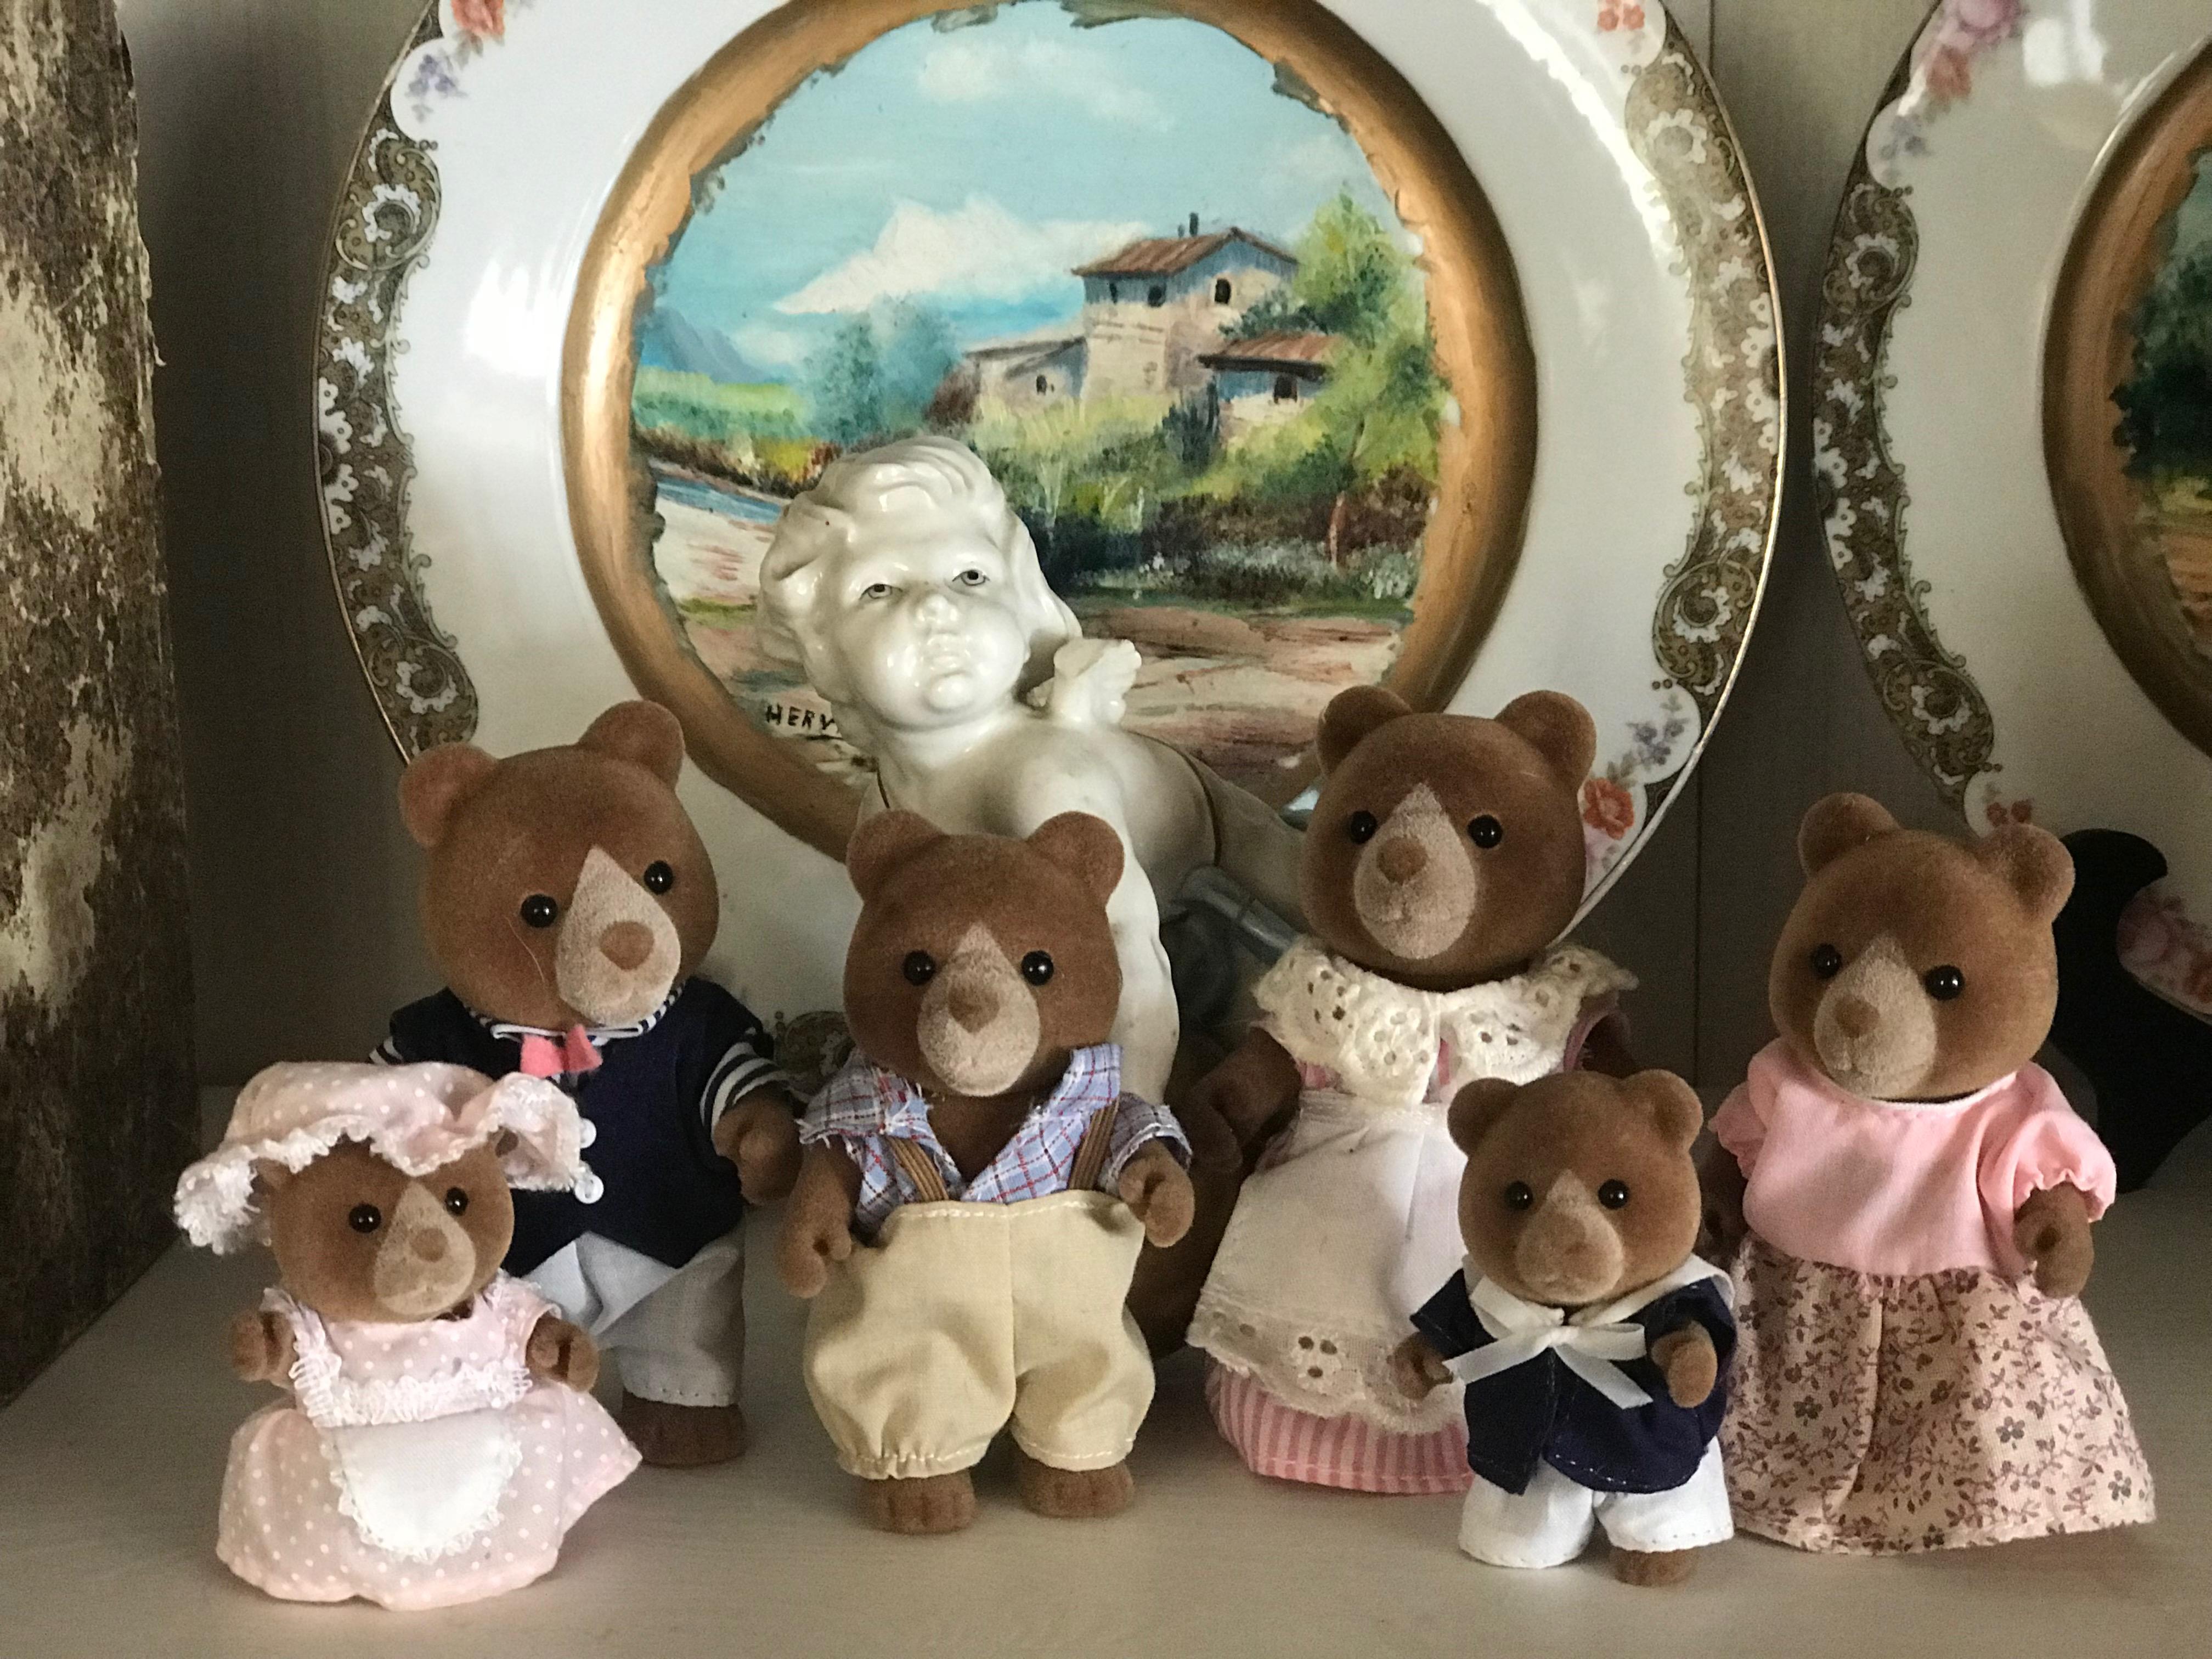 The Marmalade Bear Family